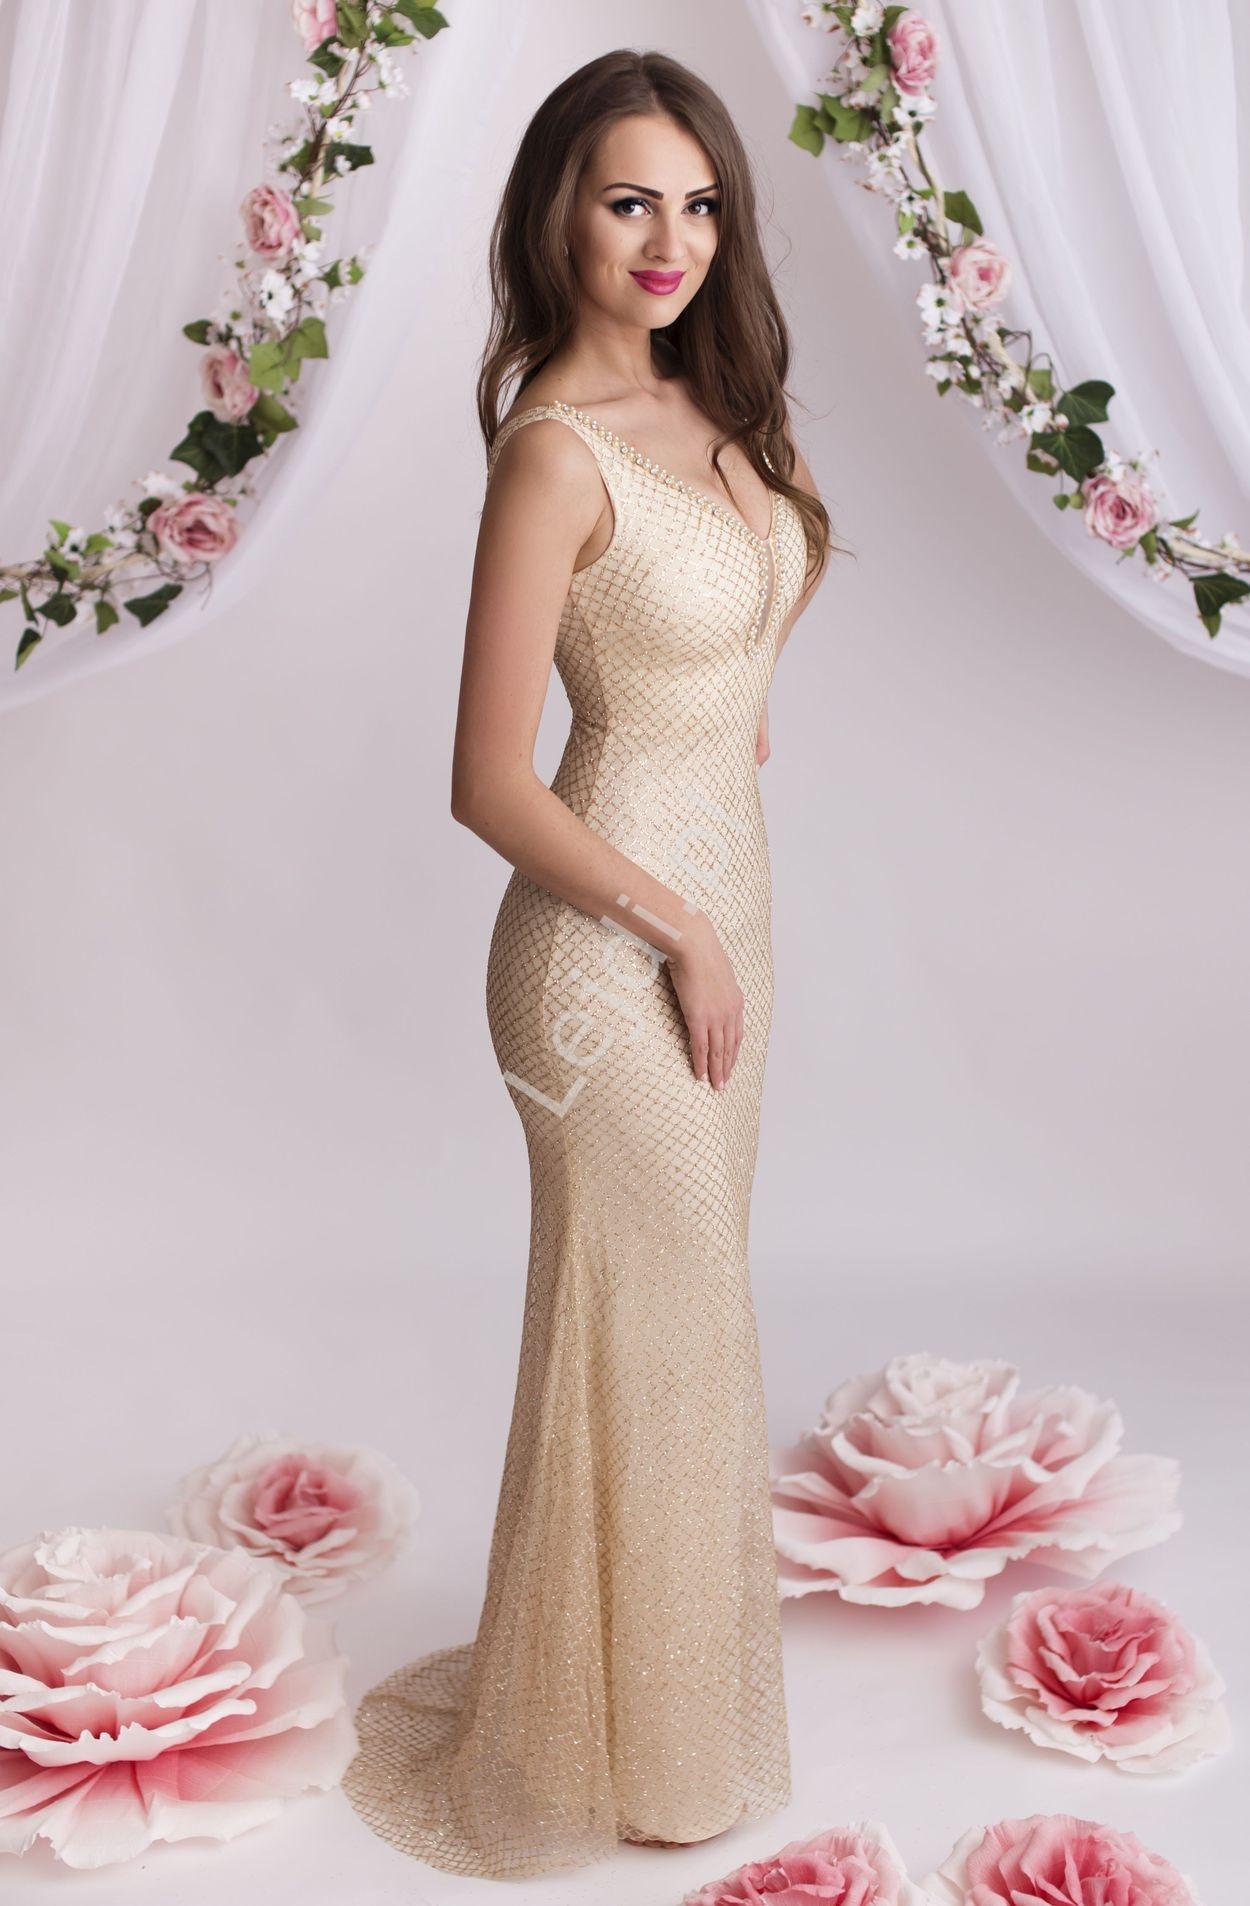 Złota suknia z brokatowymi wzorami zdobiona perłami i kryształkami przy dekolcie - Lejdi